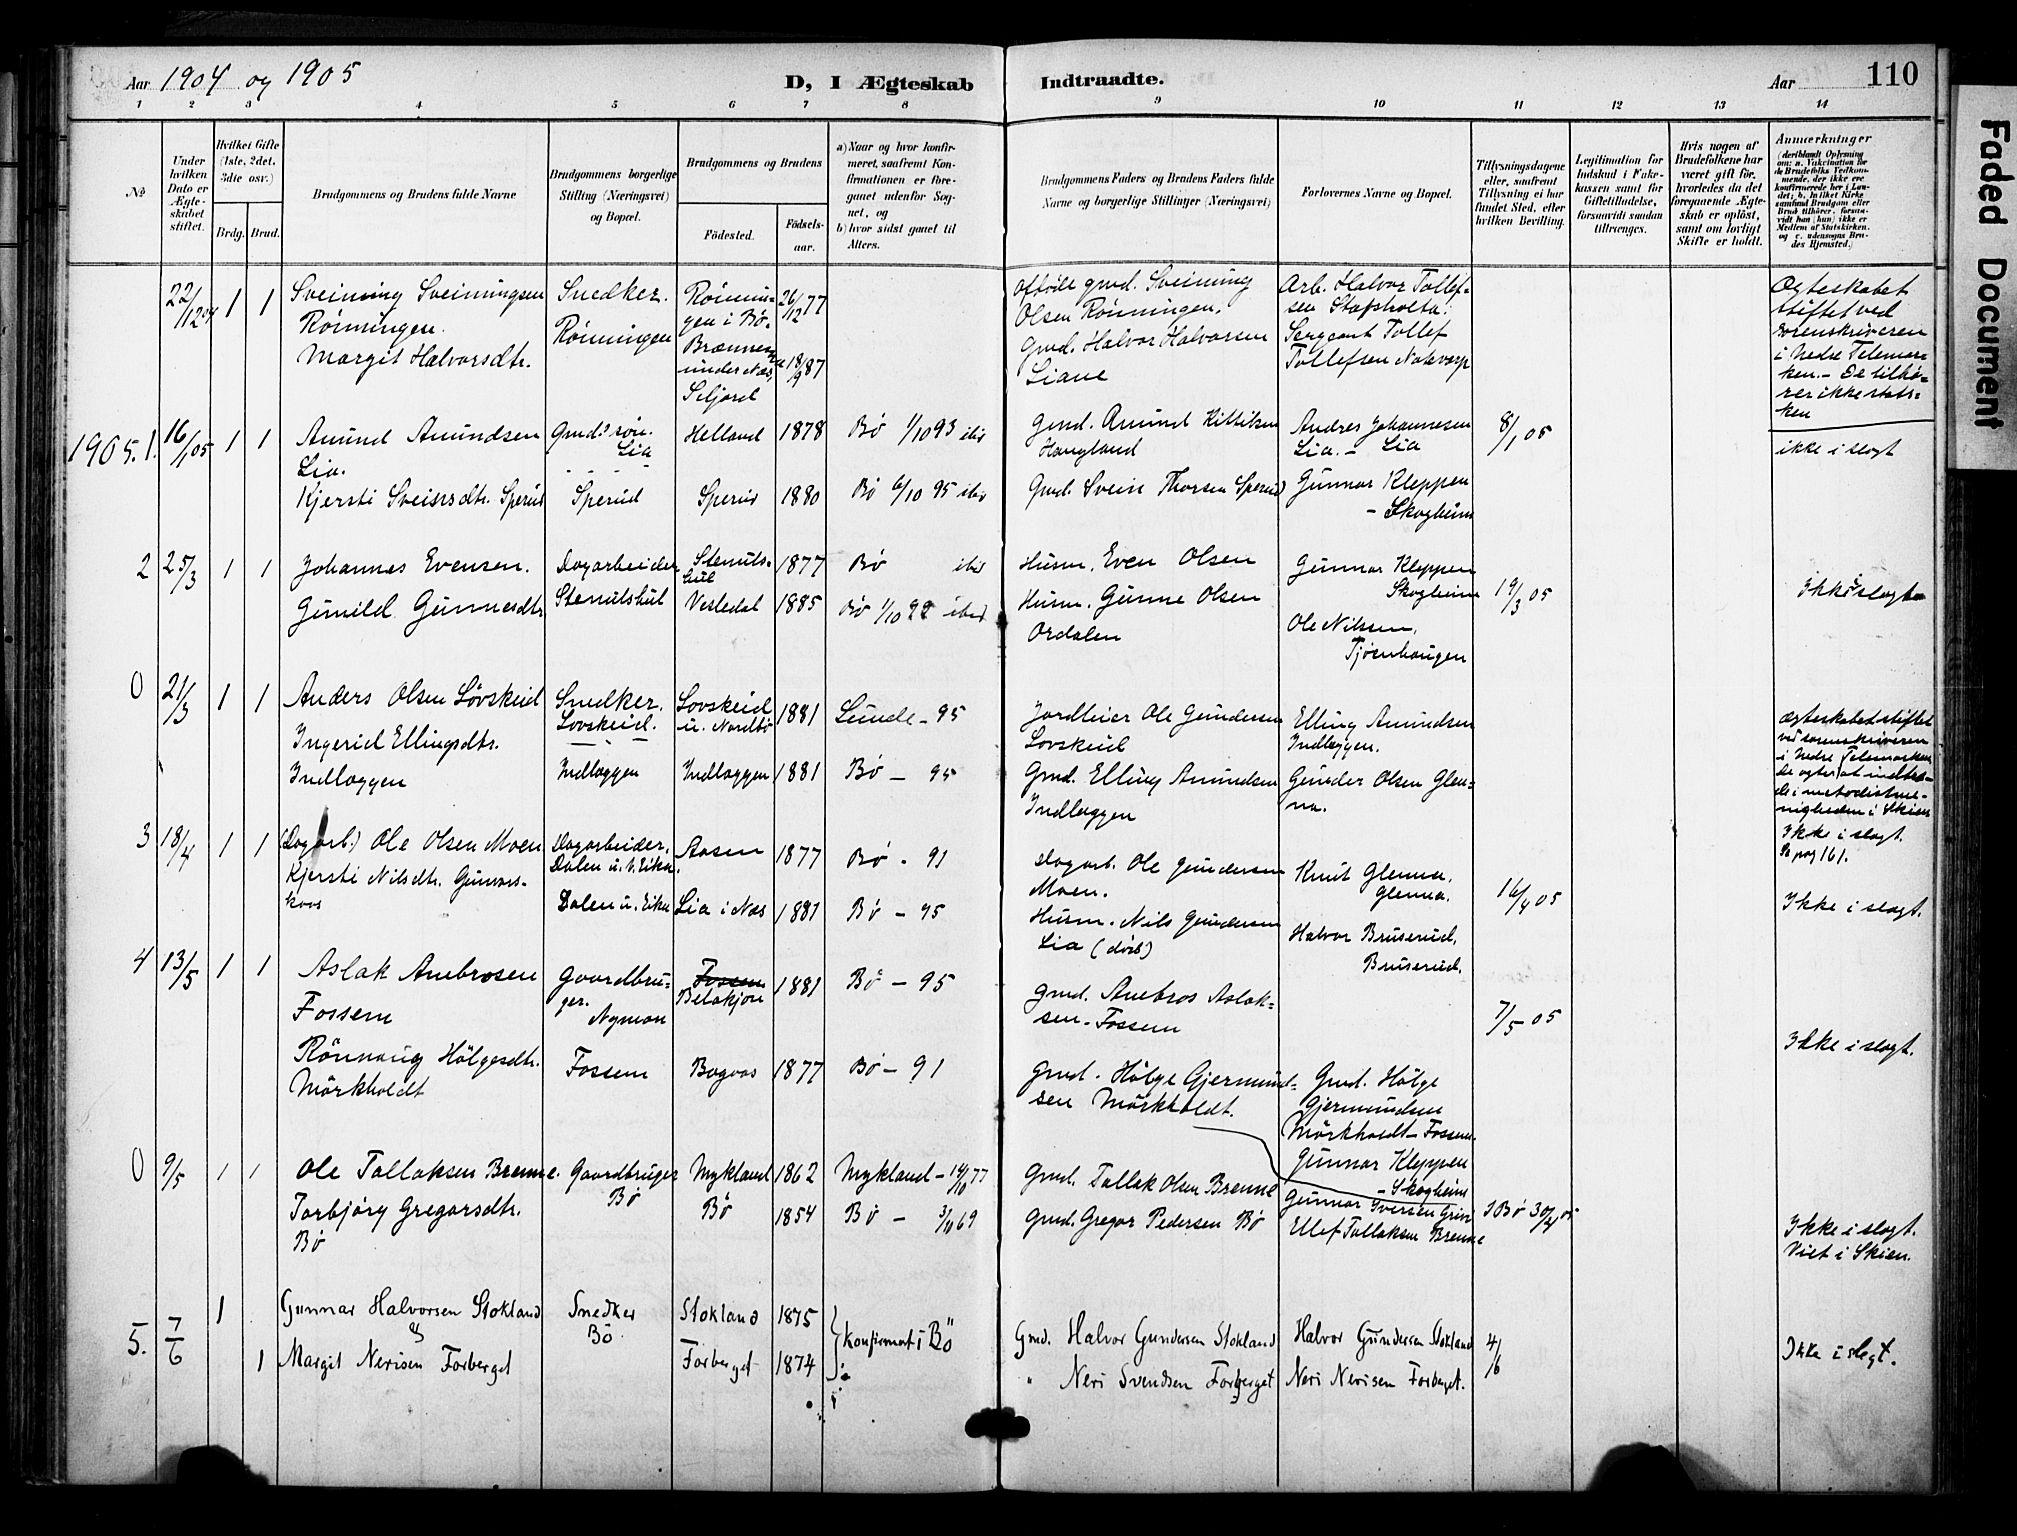 SAKO, Bø kirkebøker, F/Fa/L0012: Ministerialbok nr. 12, 1900-1908, s. 110